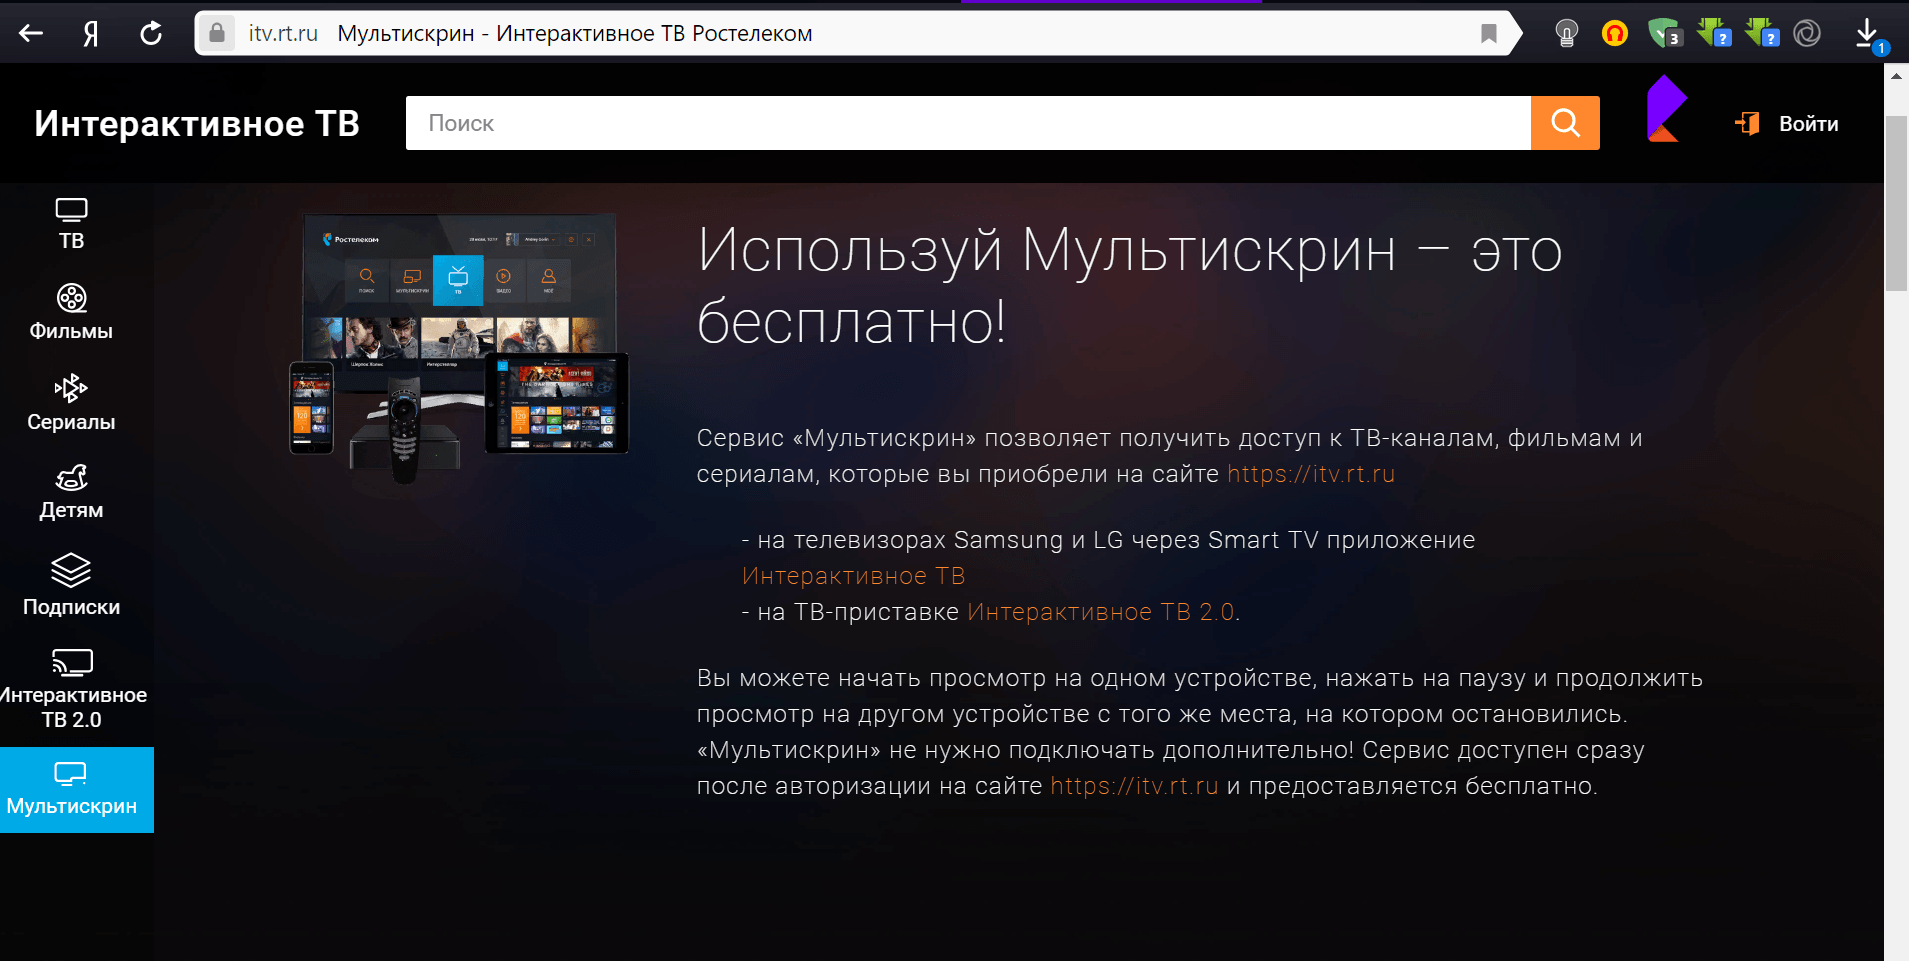 Услуга Мультискрин от Ростелеком